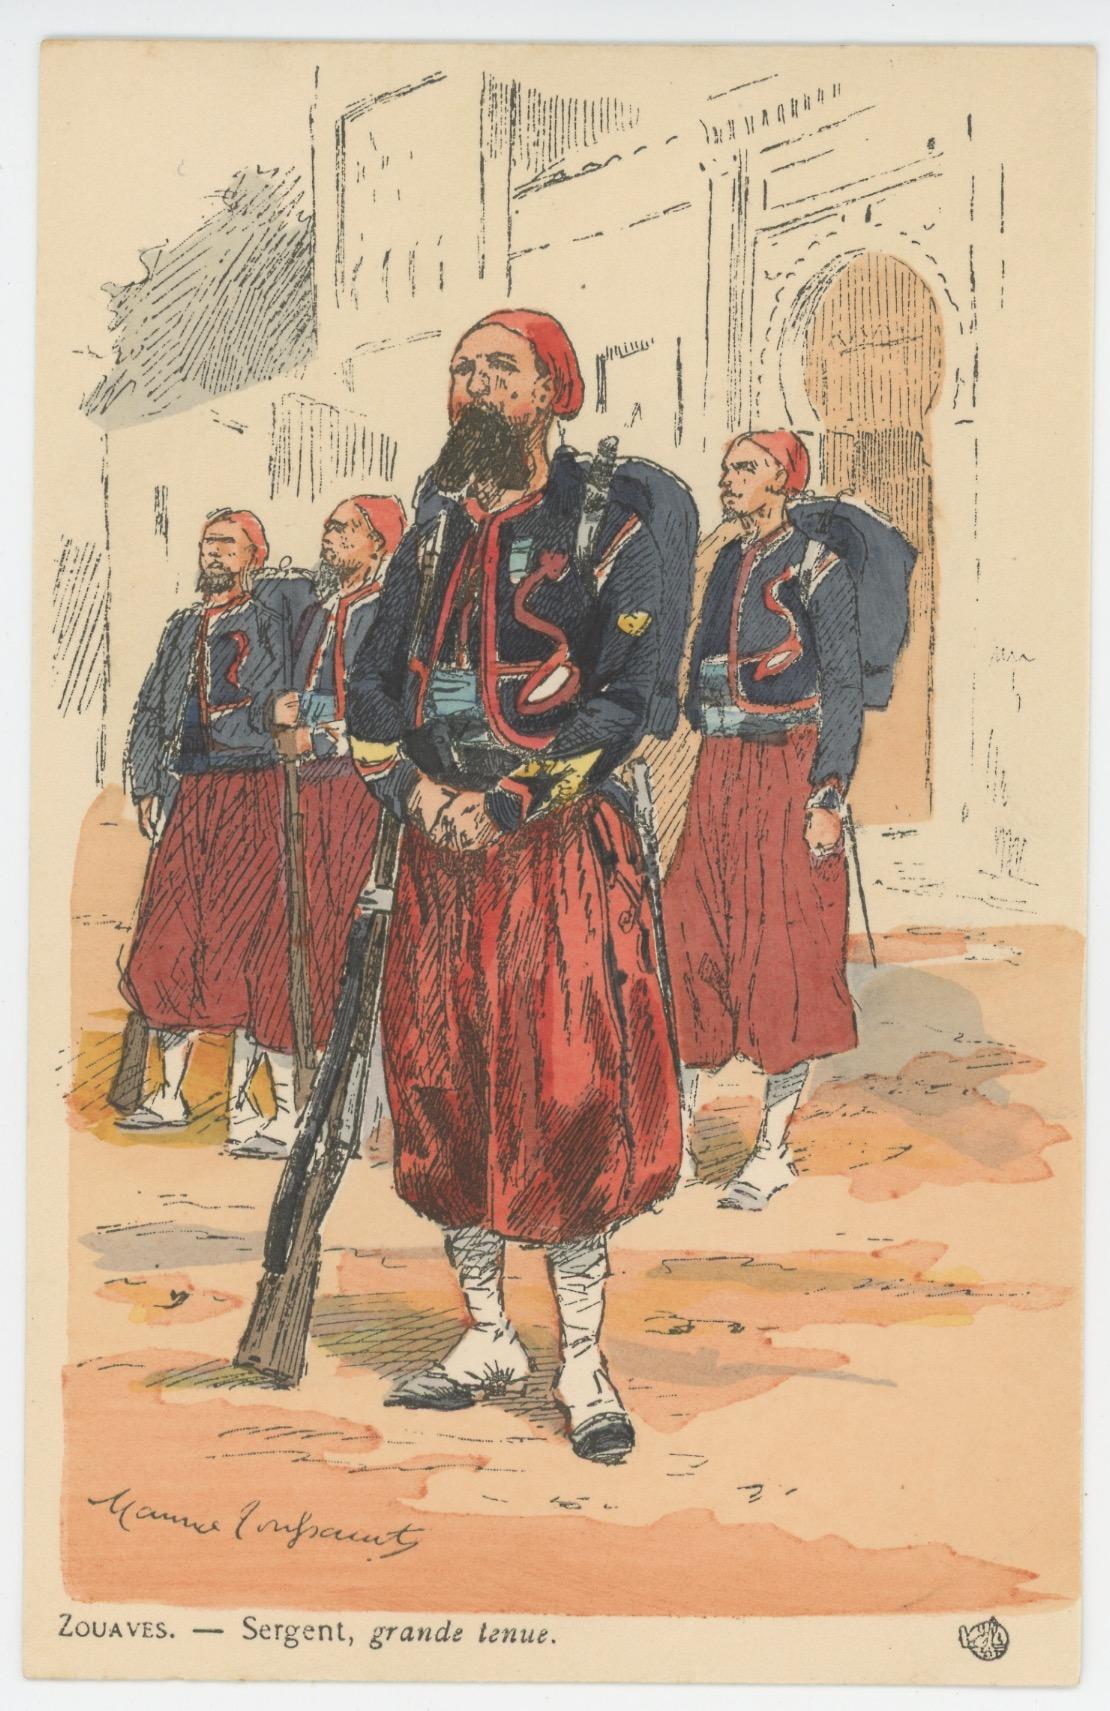 Série Complète - 12 Cartes Postales Illustrées - Maurice Toussaint - Edition Pierre Plument - Les Zouaves - Uniforme - Troisième République